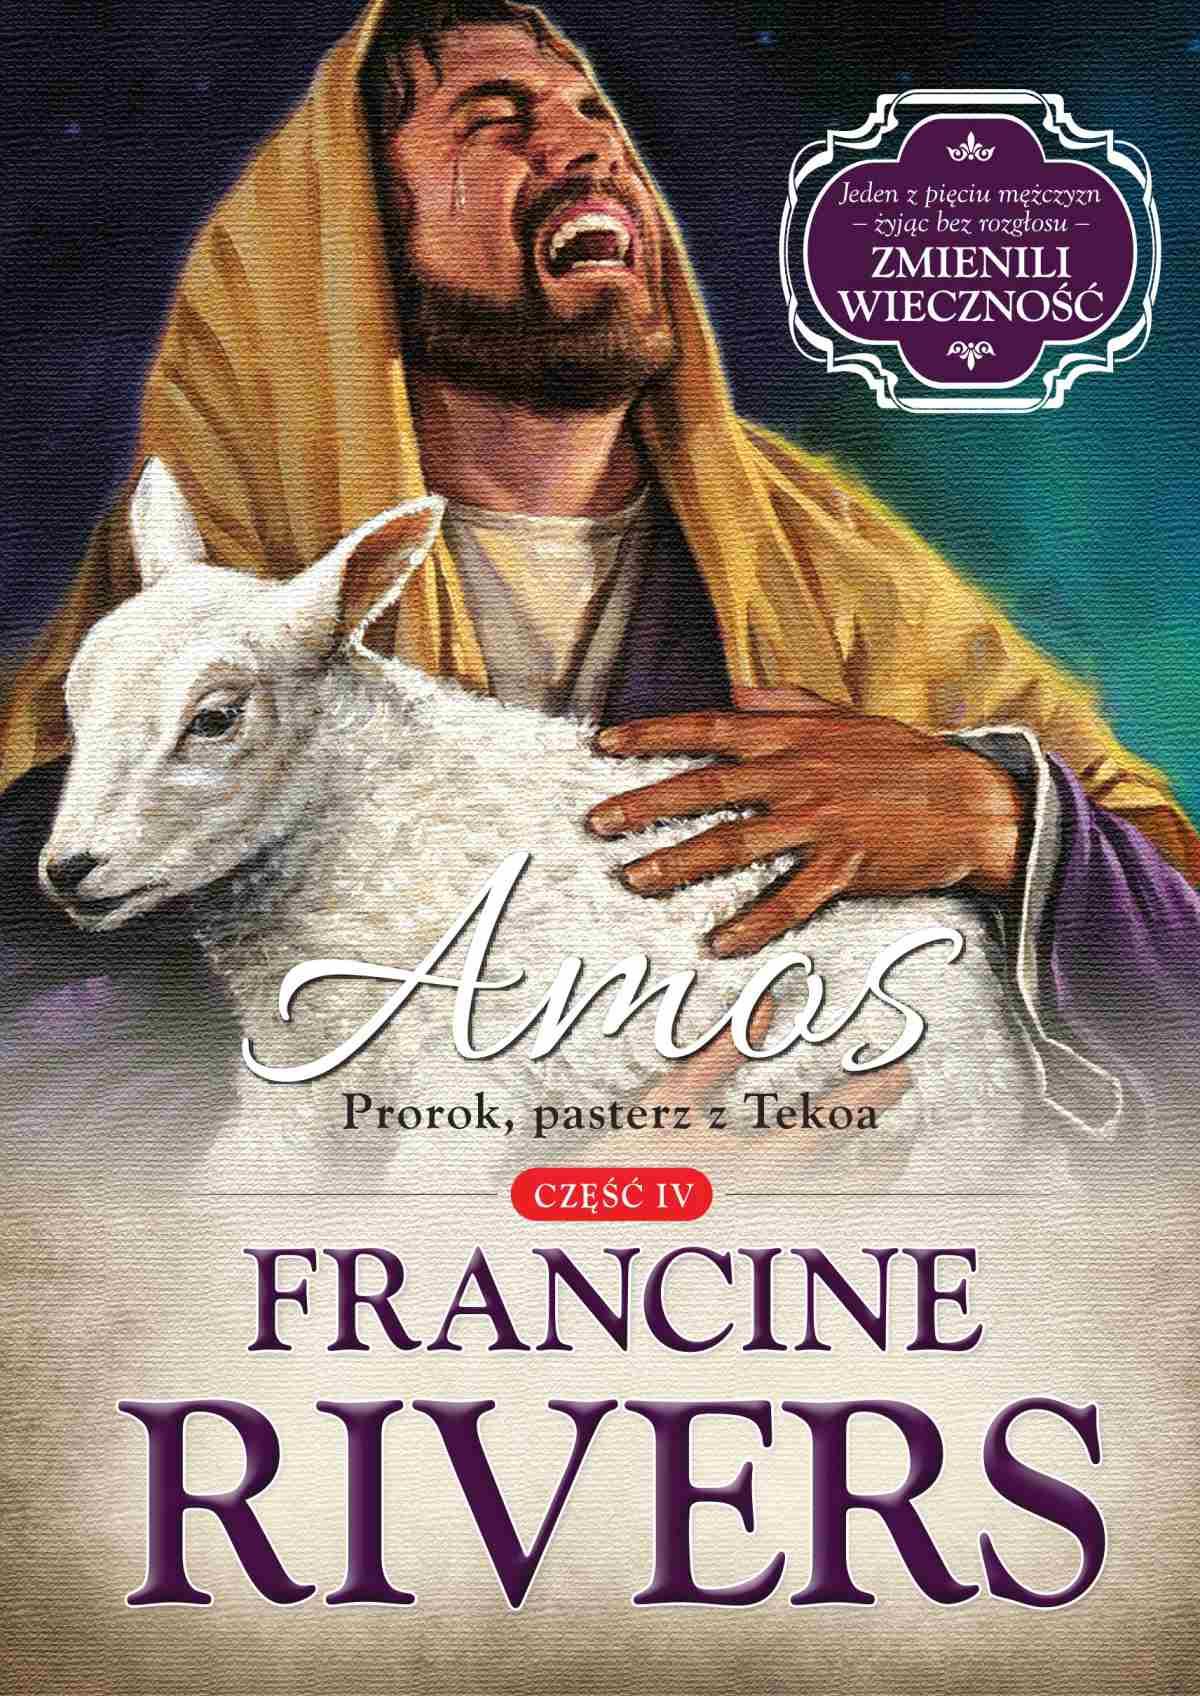 Amos. Prorok, pasterz z Tekoa - Ebook (Książka na Kindle) do pobrania w formacie MOBI